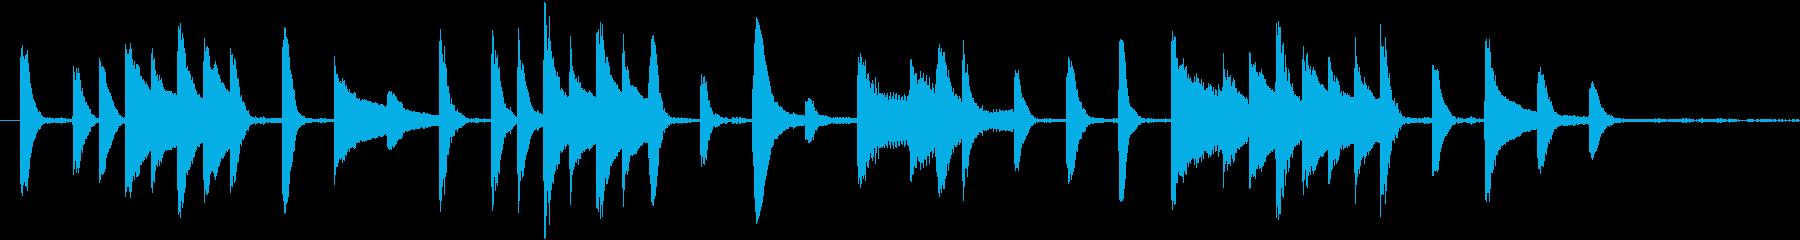 可愛らしいピアノのジングルの再生済みの波形